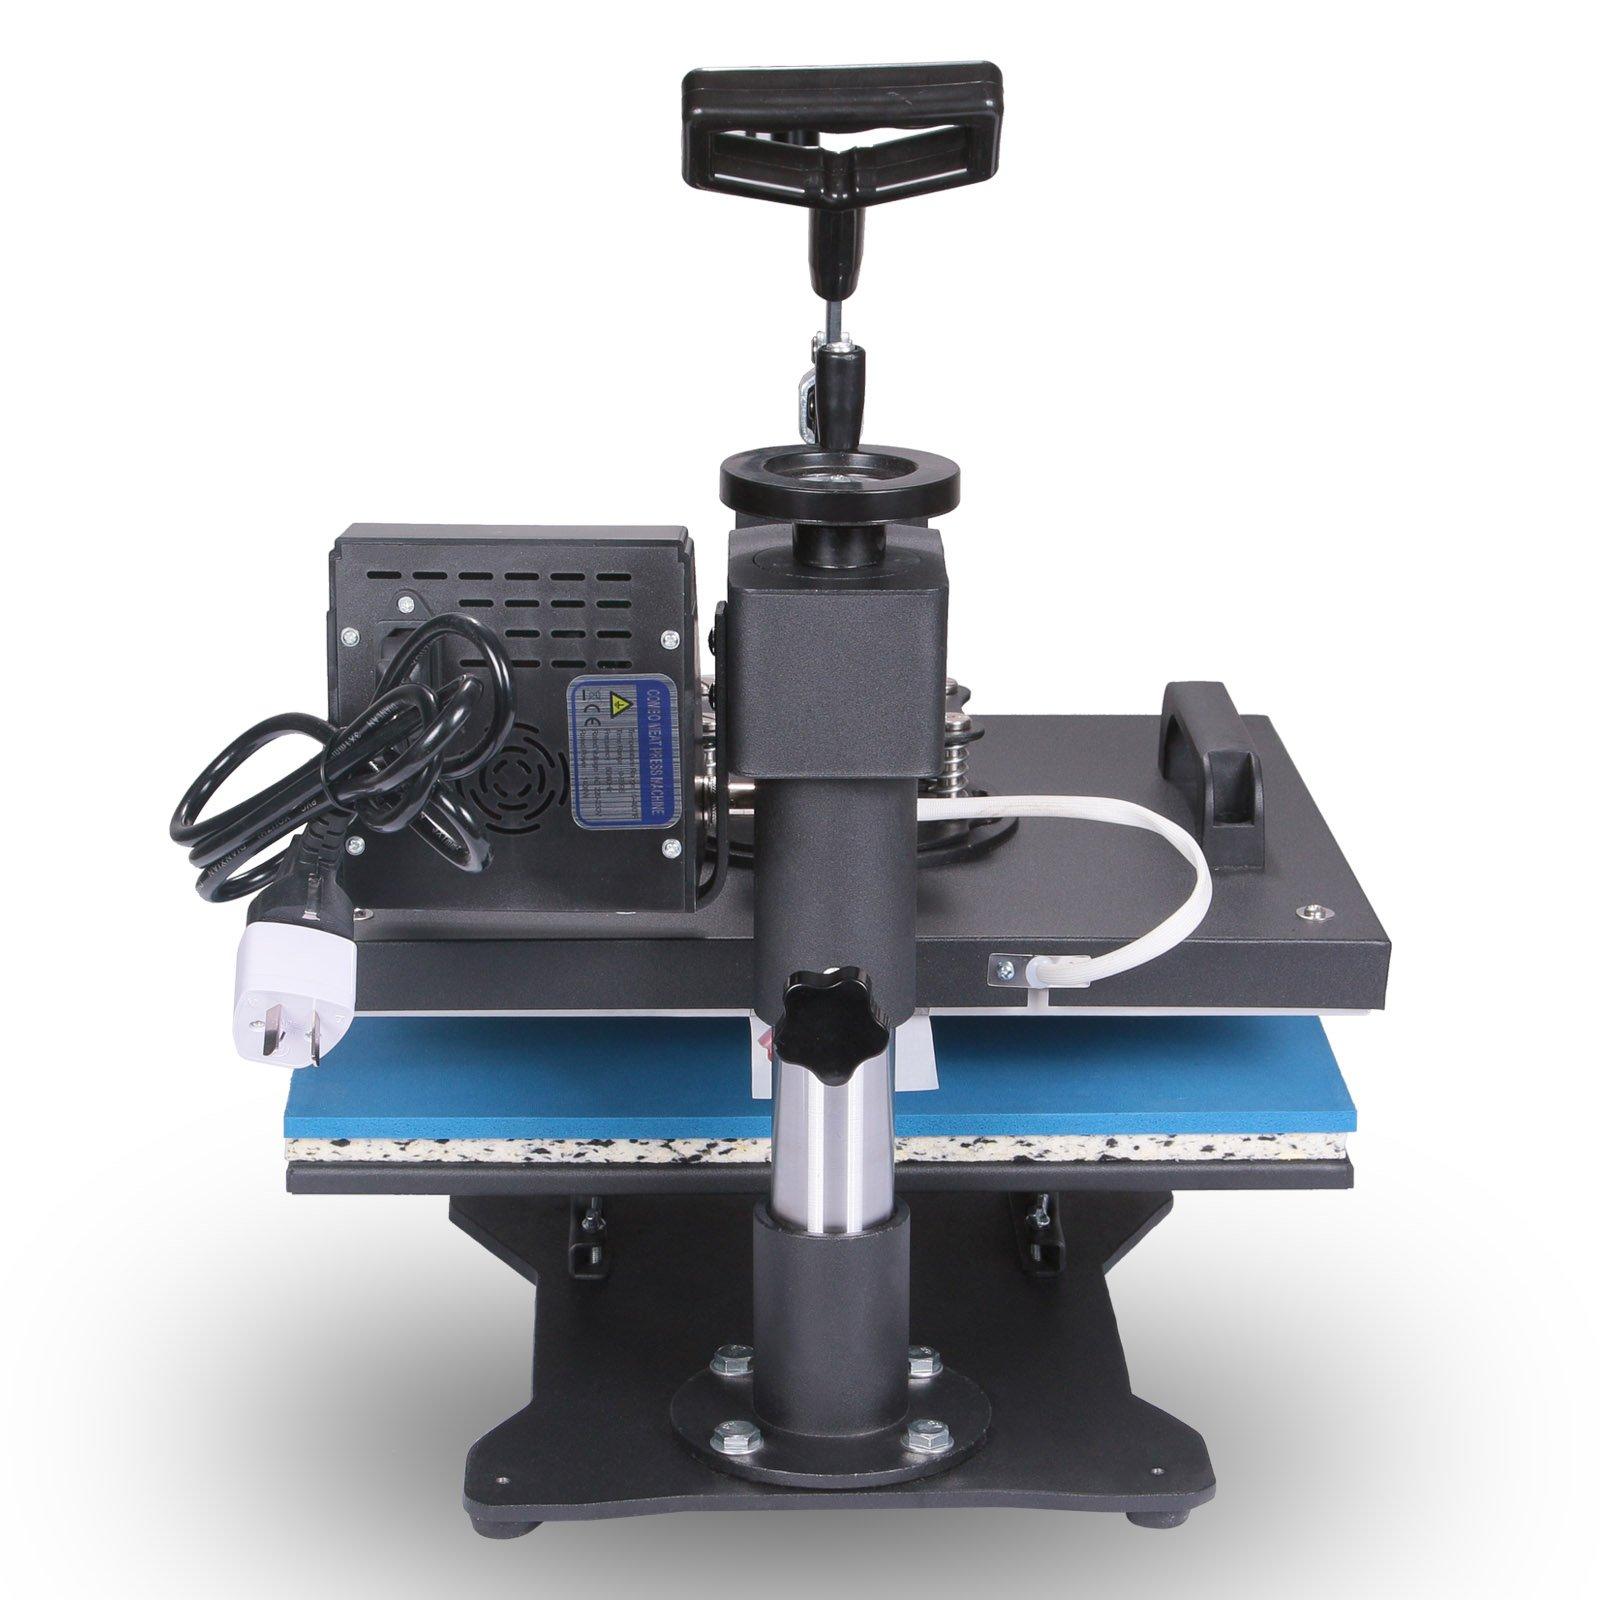 Mophorn Heat Presses 5 in 1 12x15 inch Heat Press Machine ...